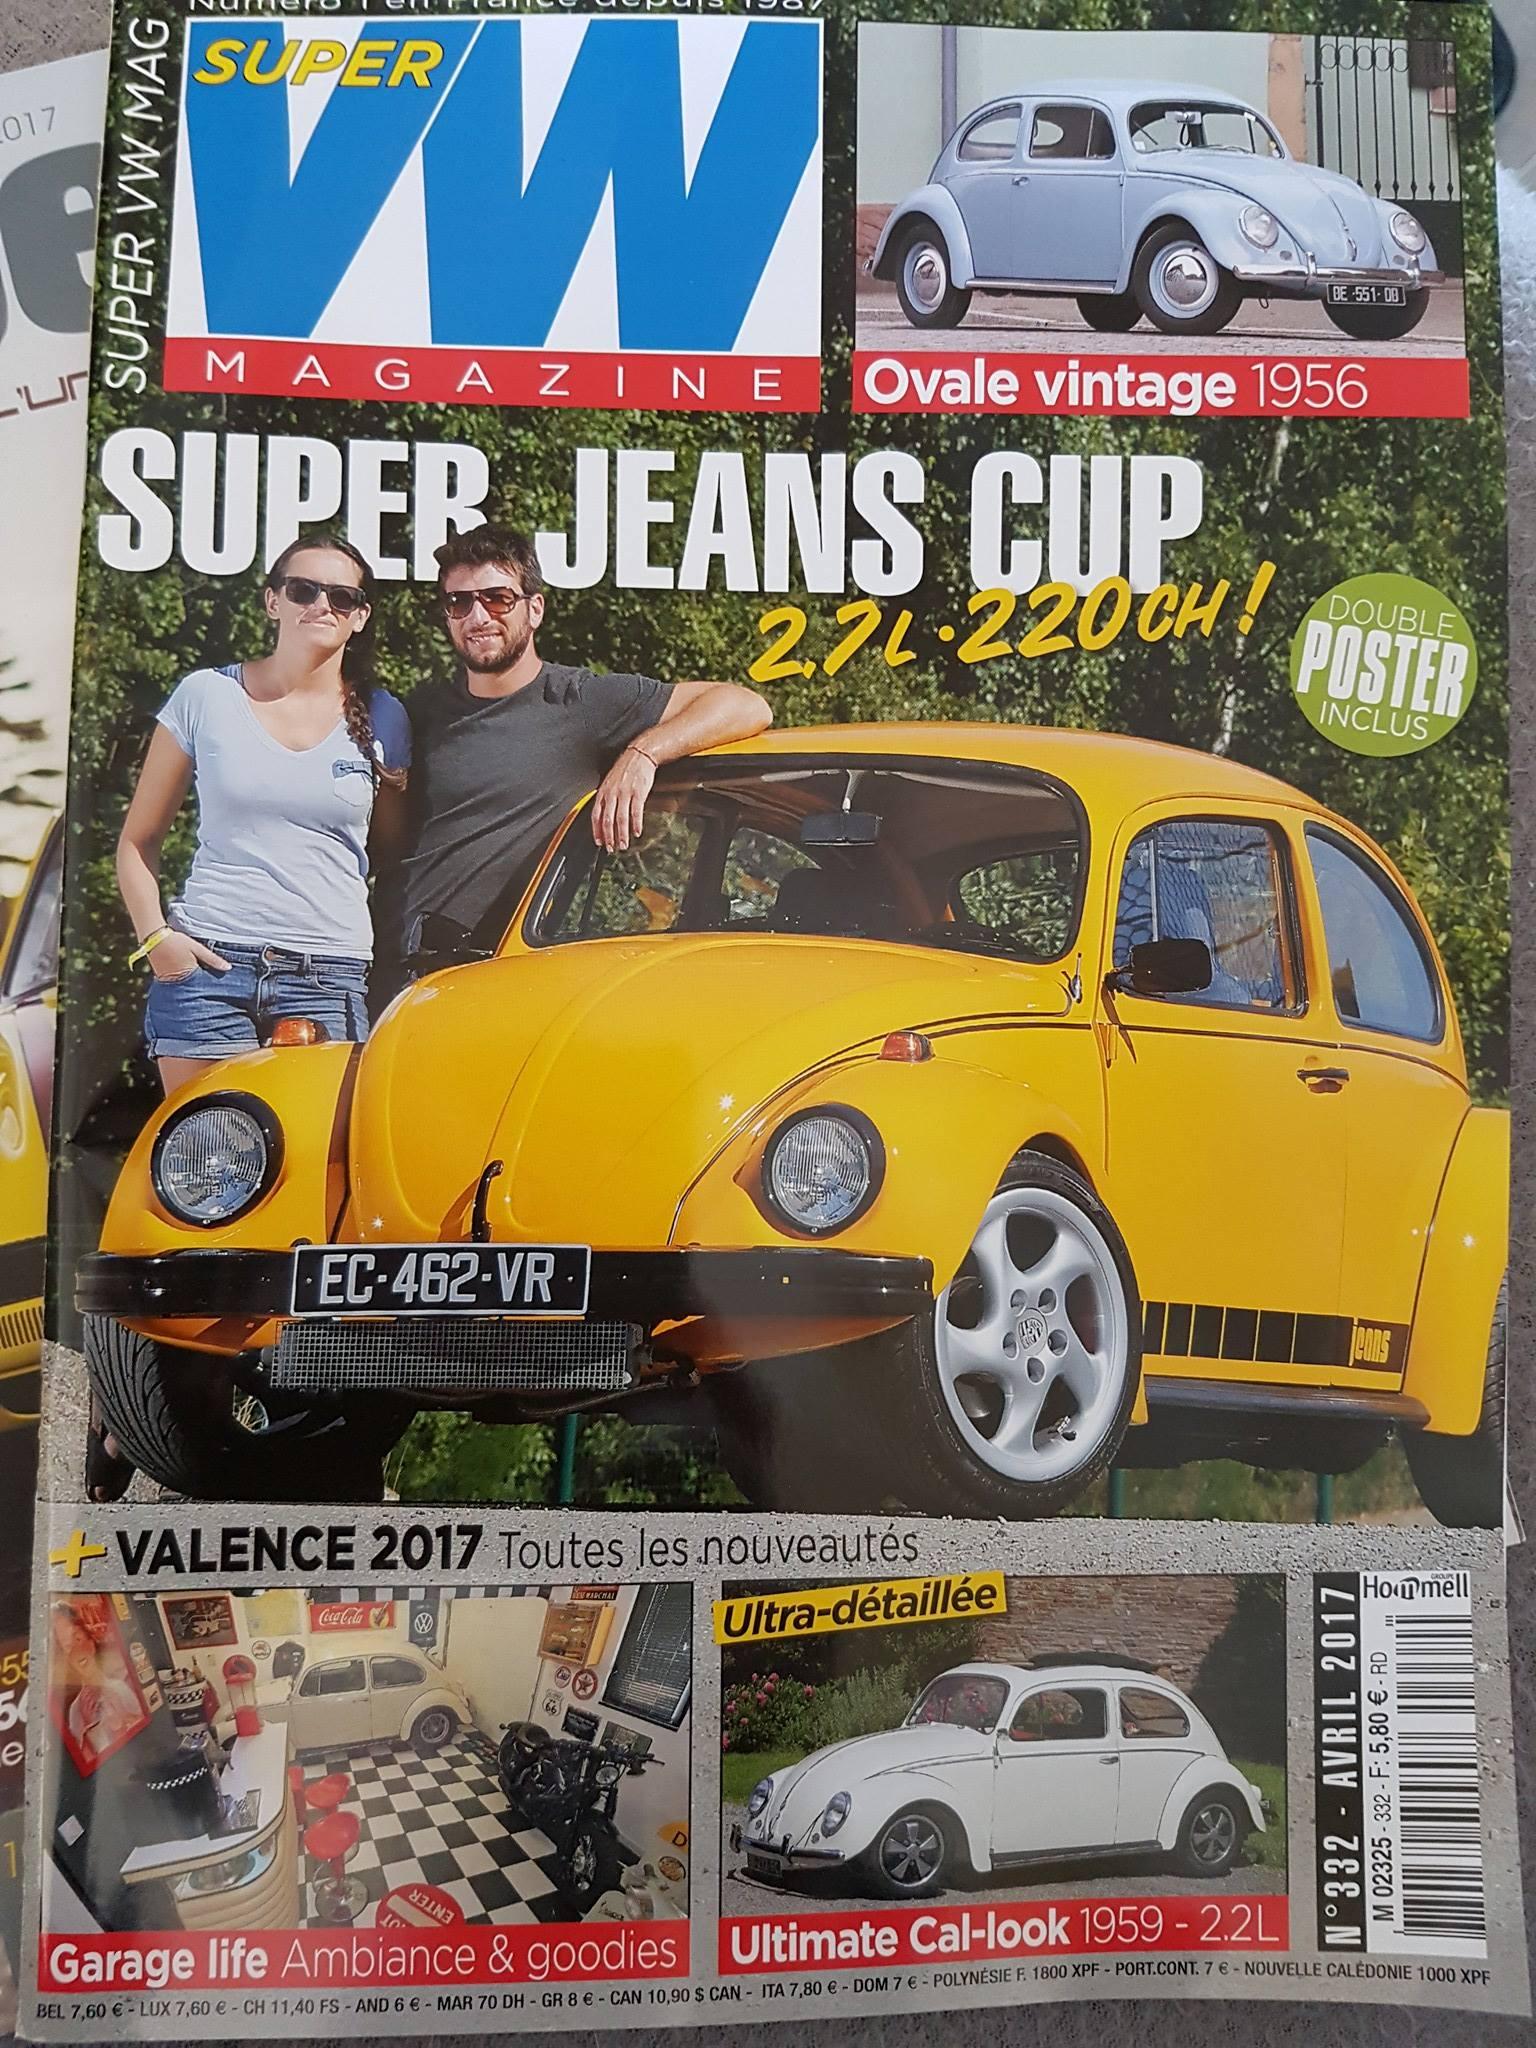 Decoloft 24 à nouveau dans le Super VW Magazine (une)